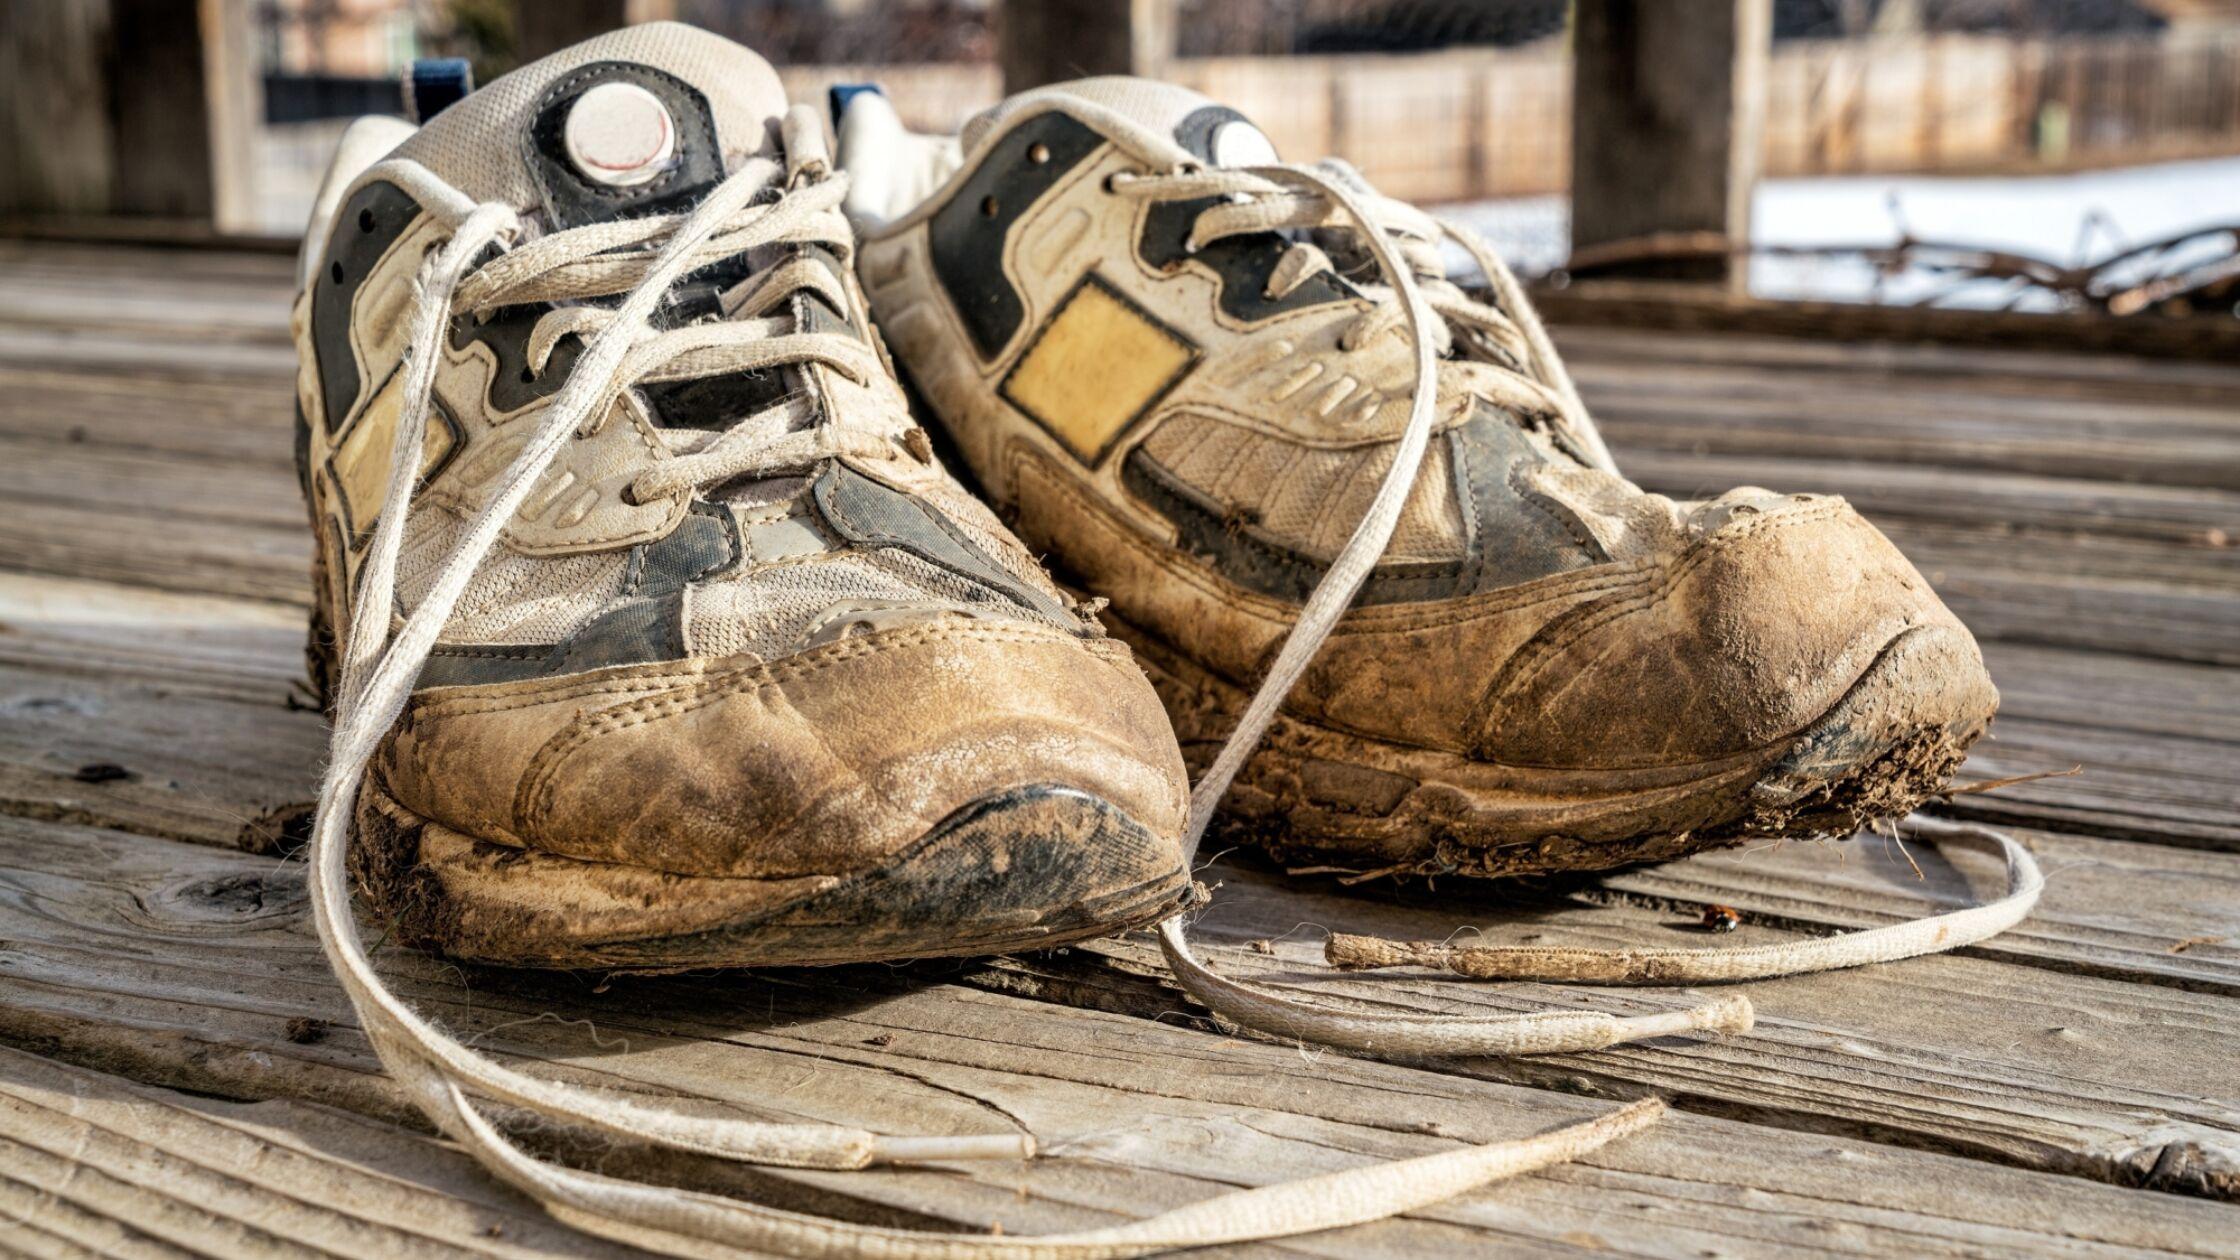 Hoe onderhoud je hardloopschoenen?